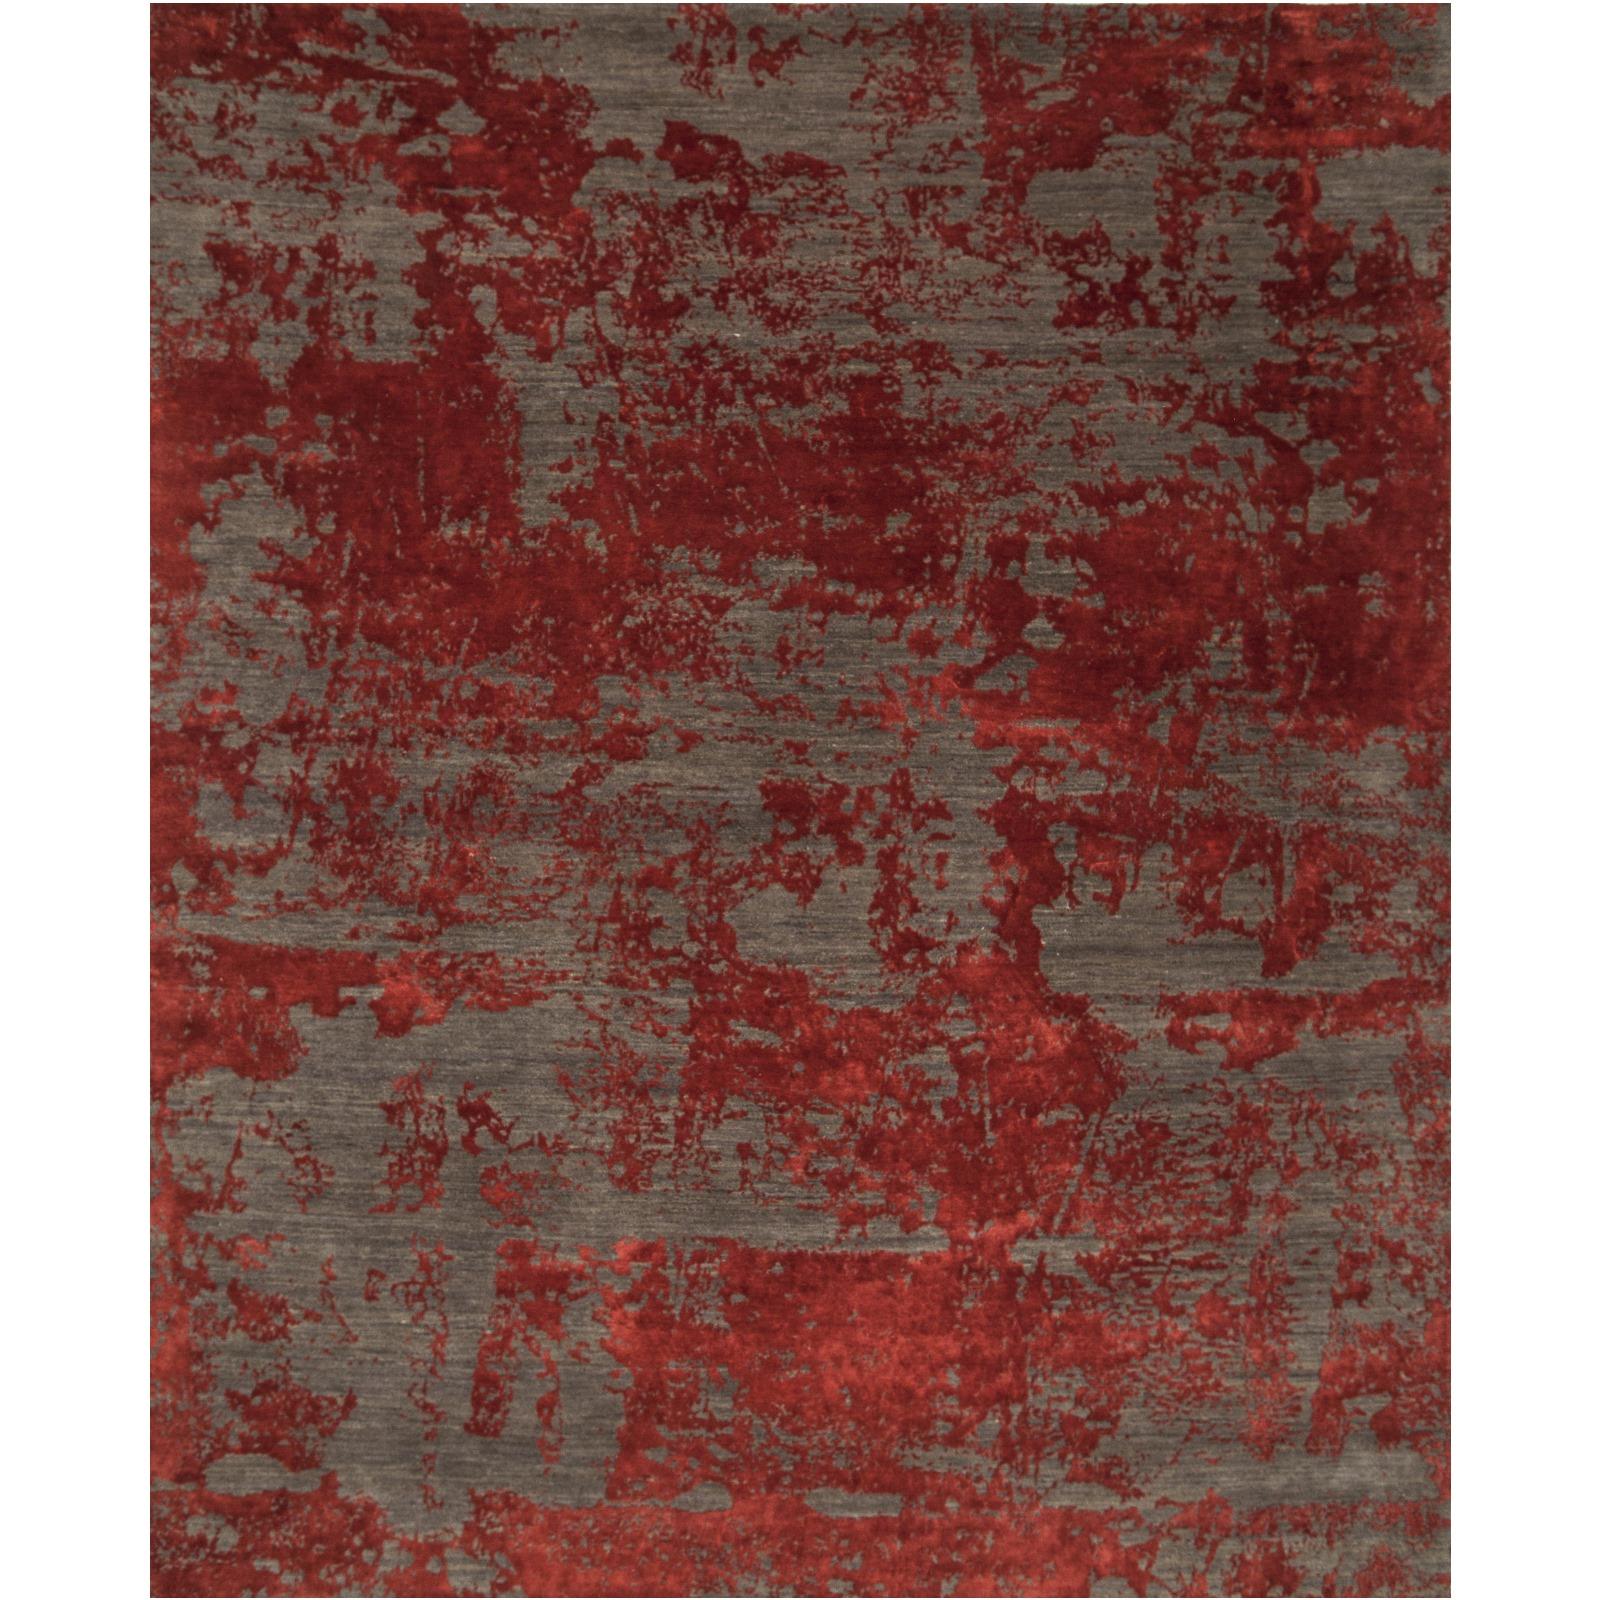 14665 KAVI DESIGN Teppich Indien 200 X 140 Cm